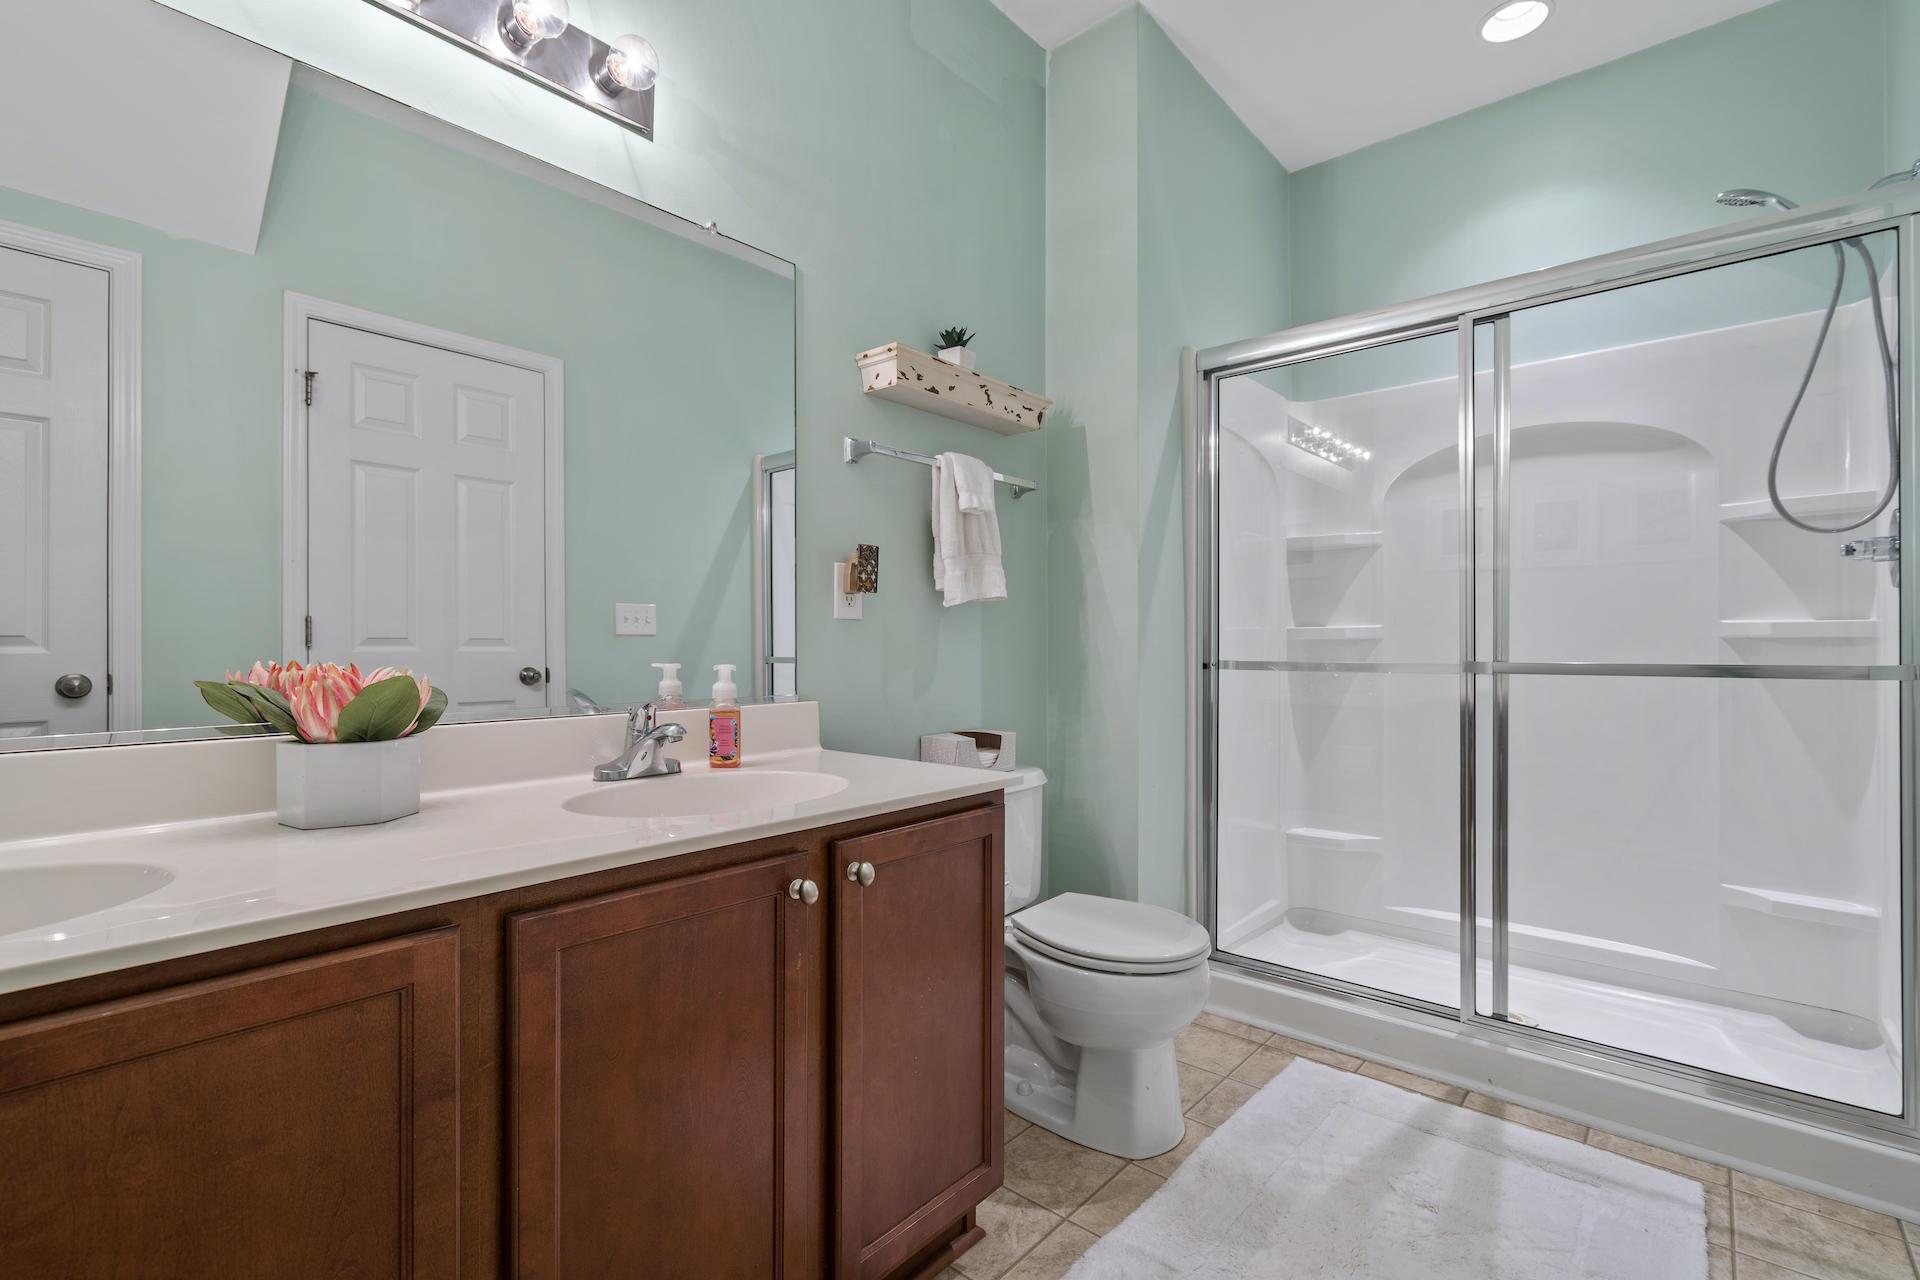 Park West Homes For Sale - 3061 Park West, Mount Pleasant, SC - 5